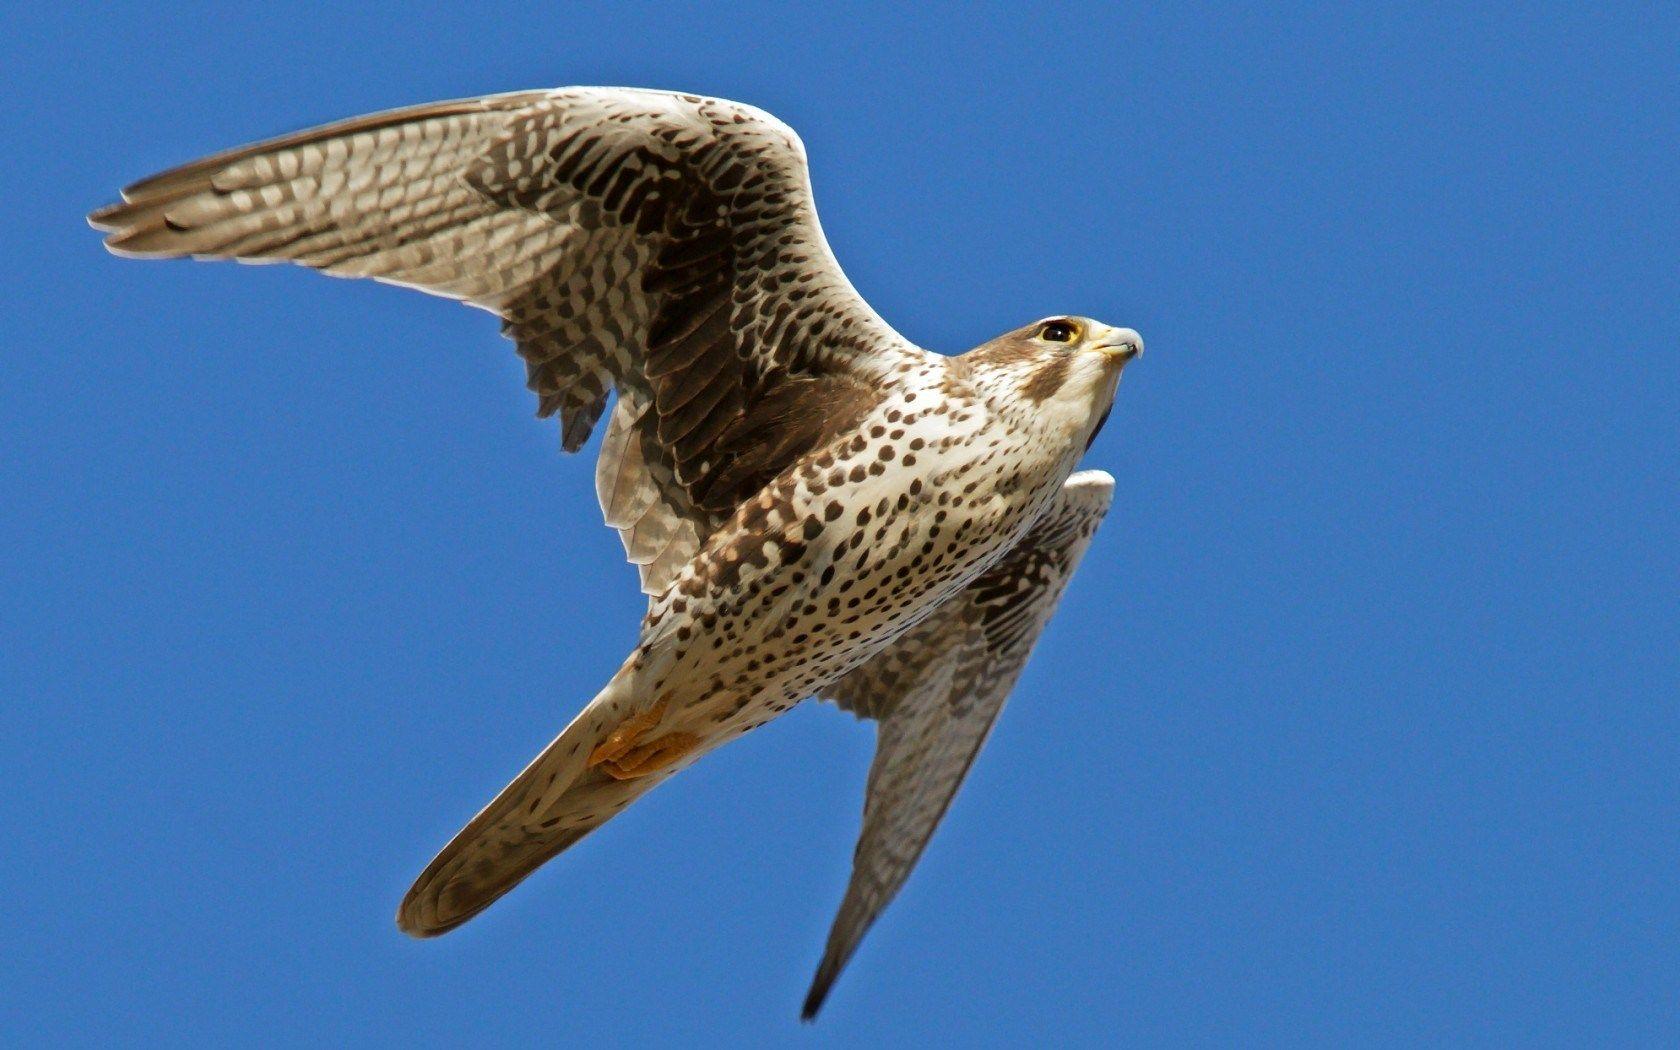 Falcon | Birds flying, Birds, Birds in flight